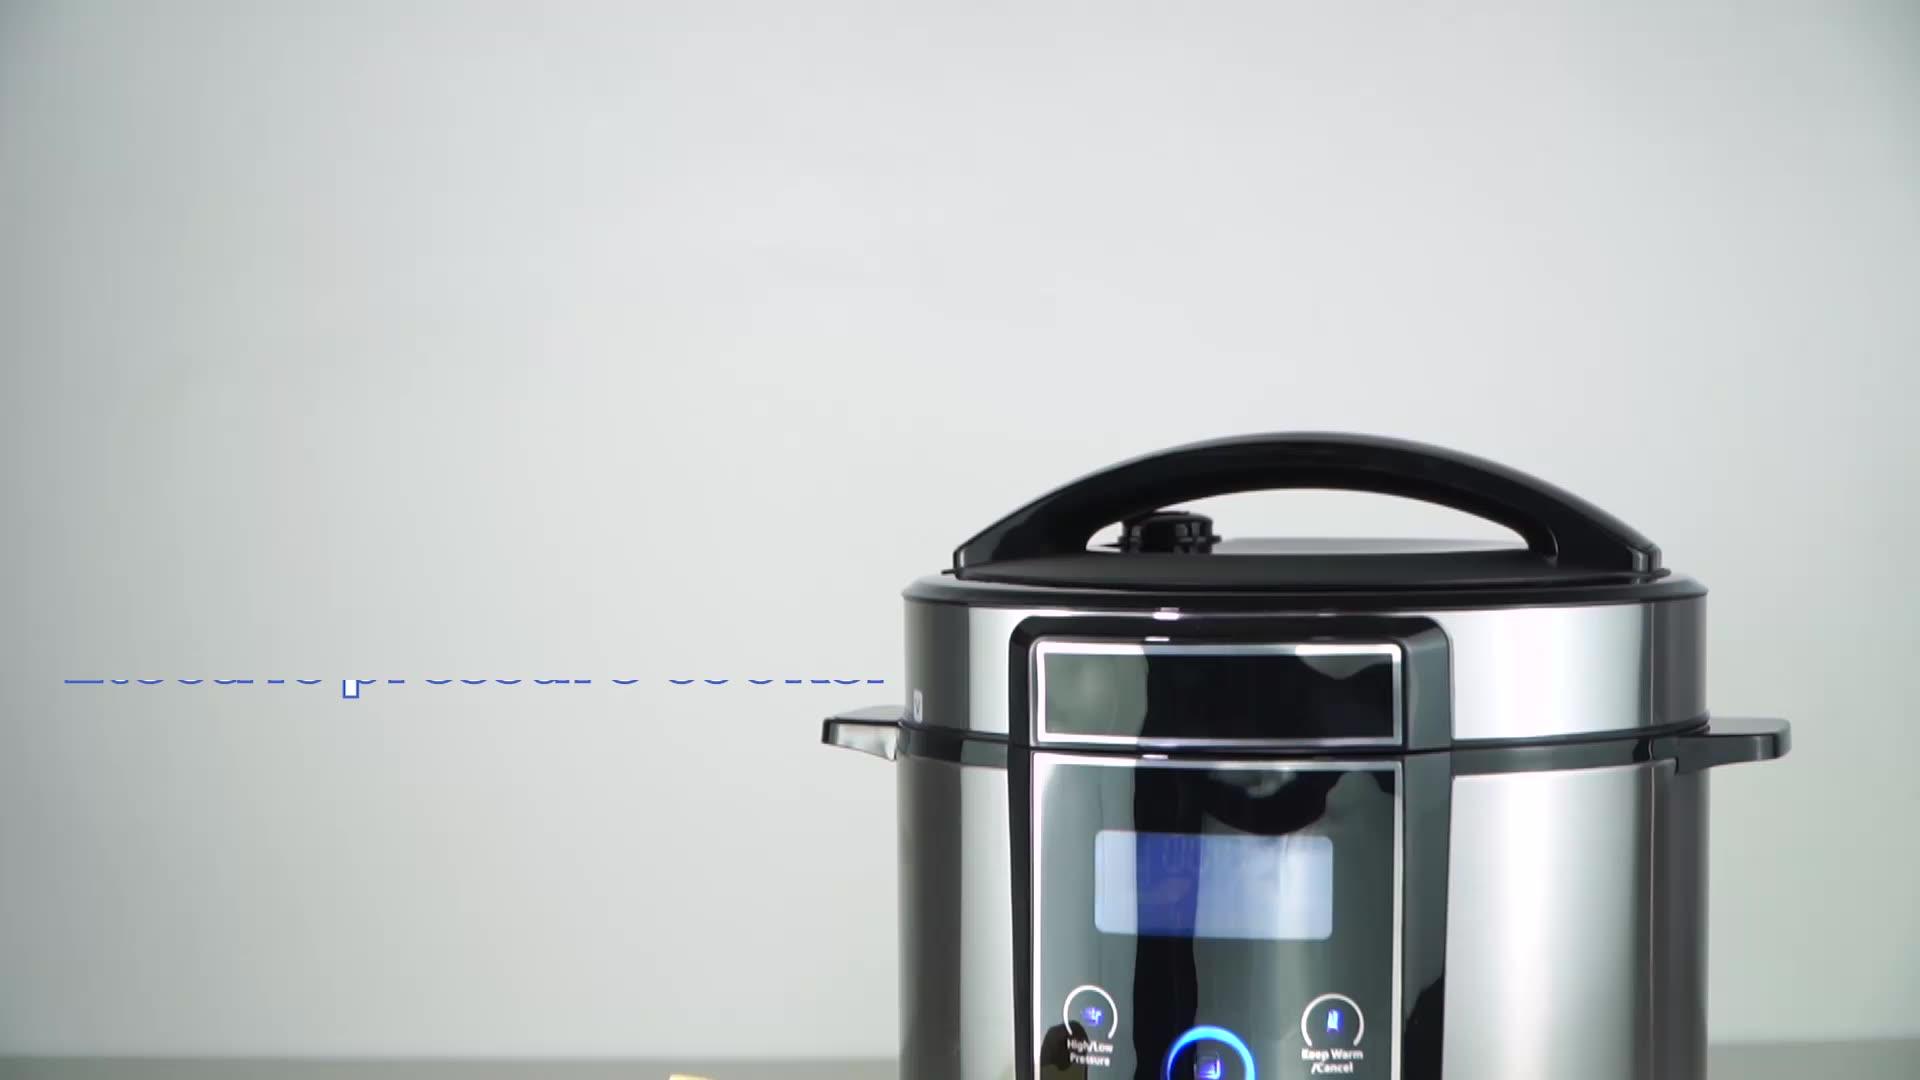 جهاز تسخين الأرز متعدد الوظائف, جهاز متعدد الوظائف مزود بمعدات تقديم الطعام في عام